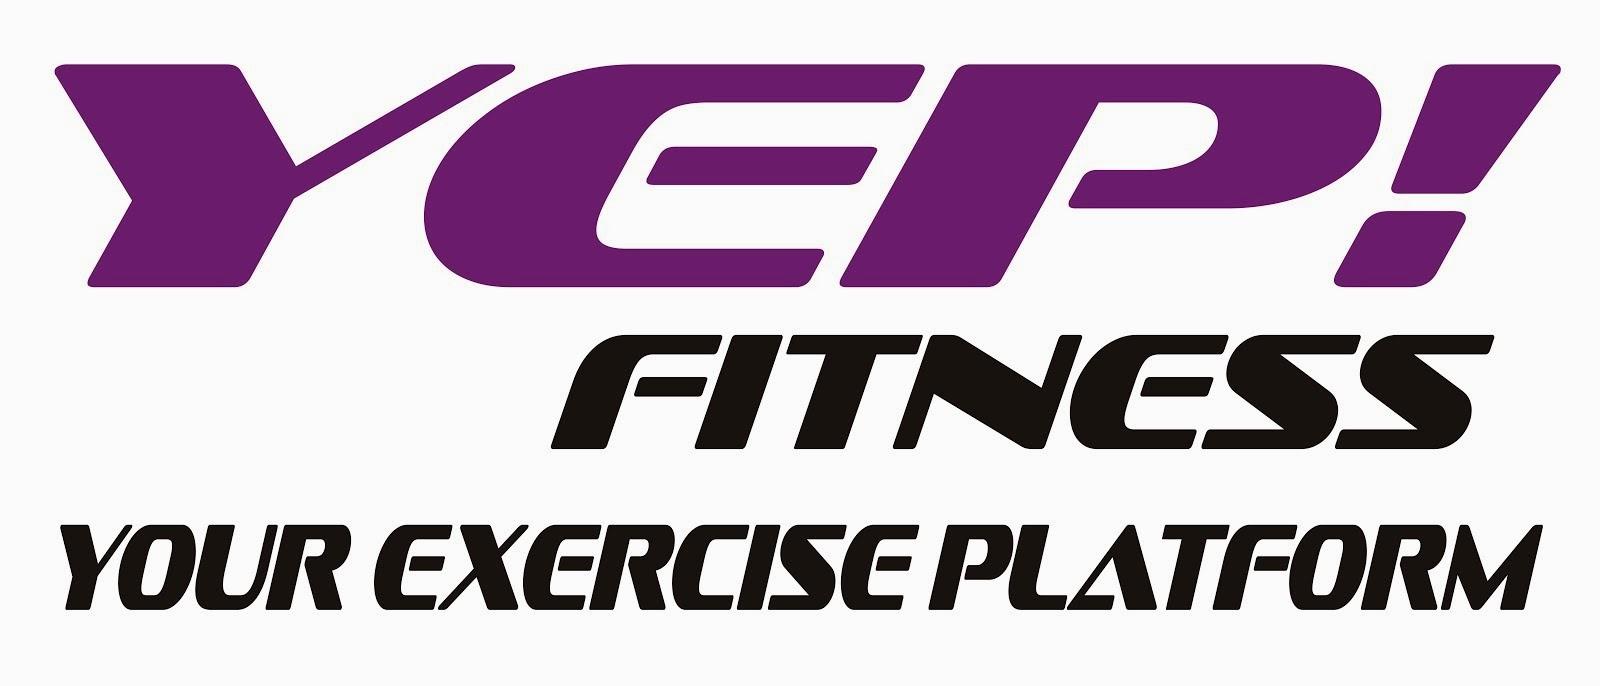 YEP! Fitness